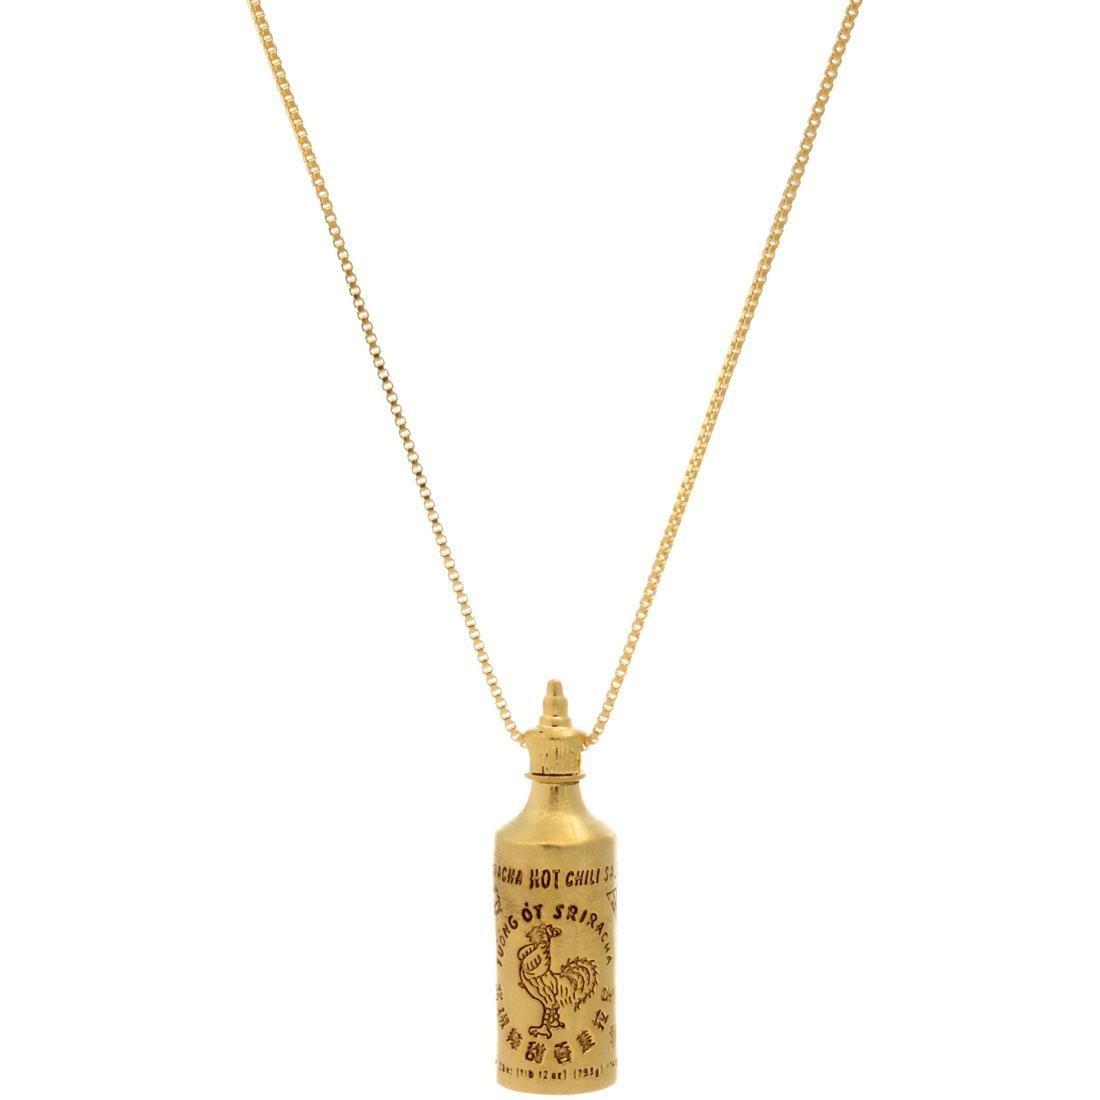 ベイト bait sriracha necklace ネックレス gold 男女兼用アクセサリー アクセサリー ペンダント ジュエリー